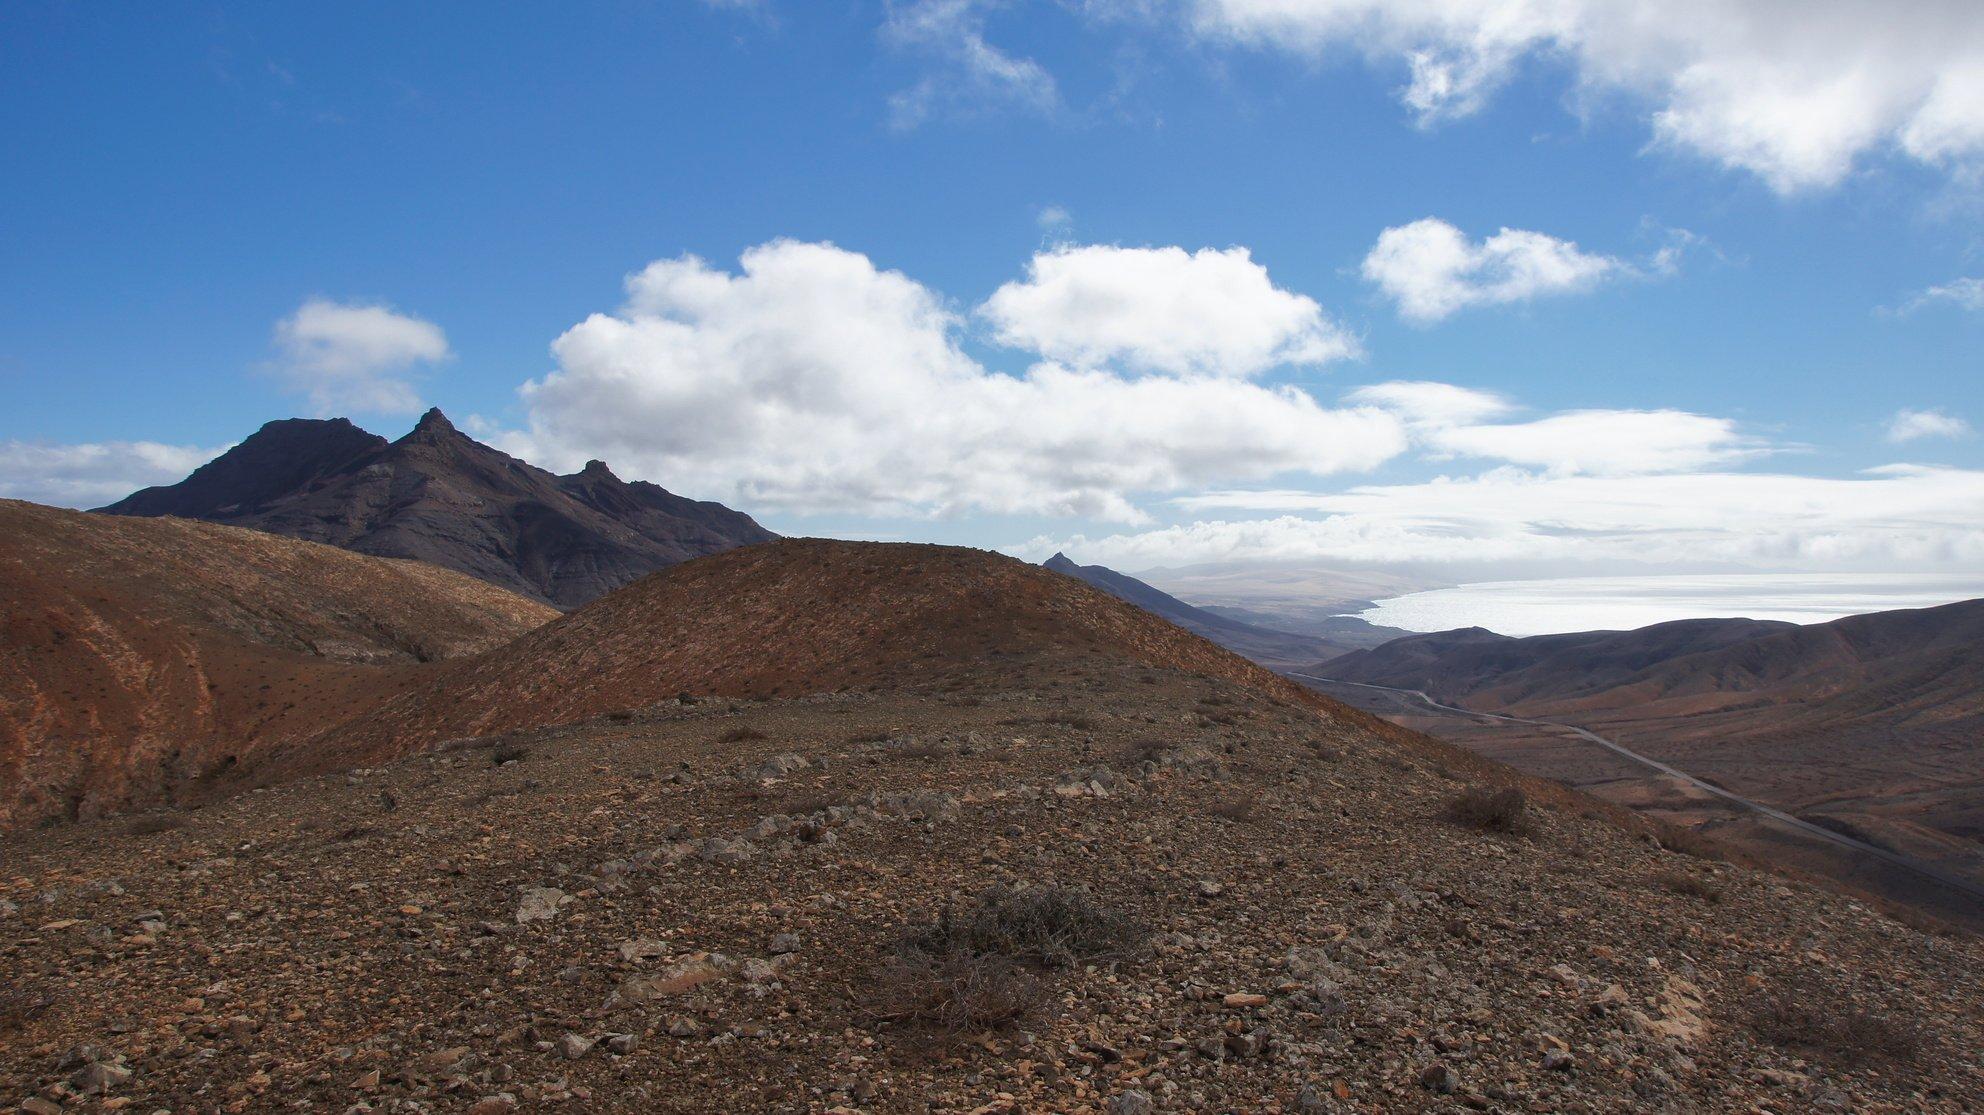 Montaña Cardón